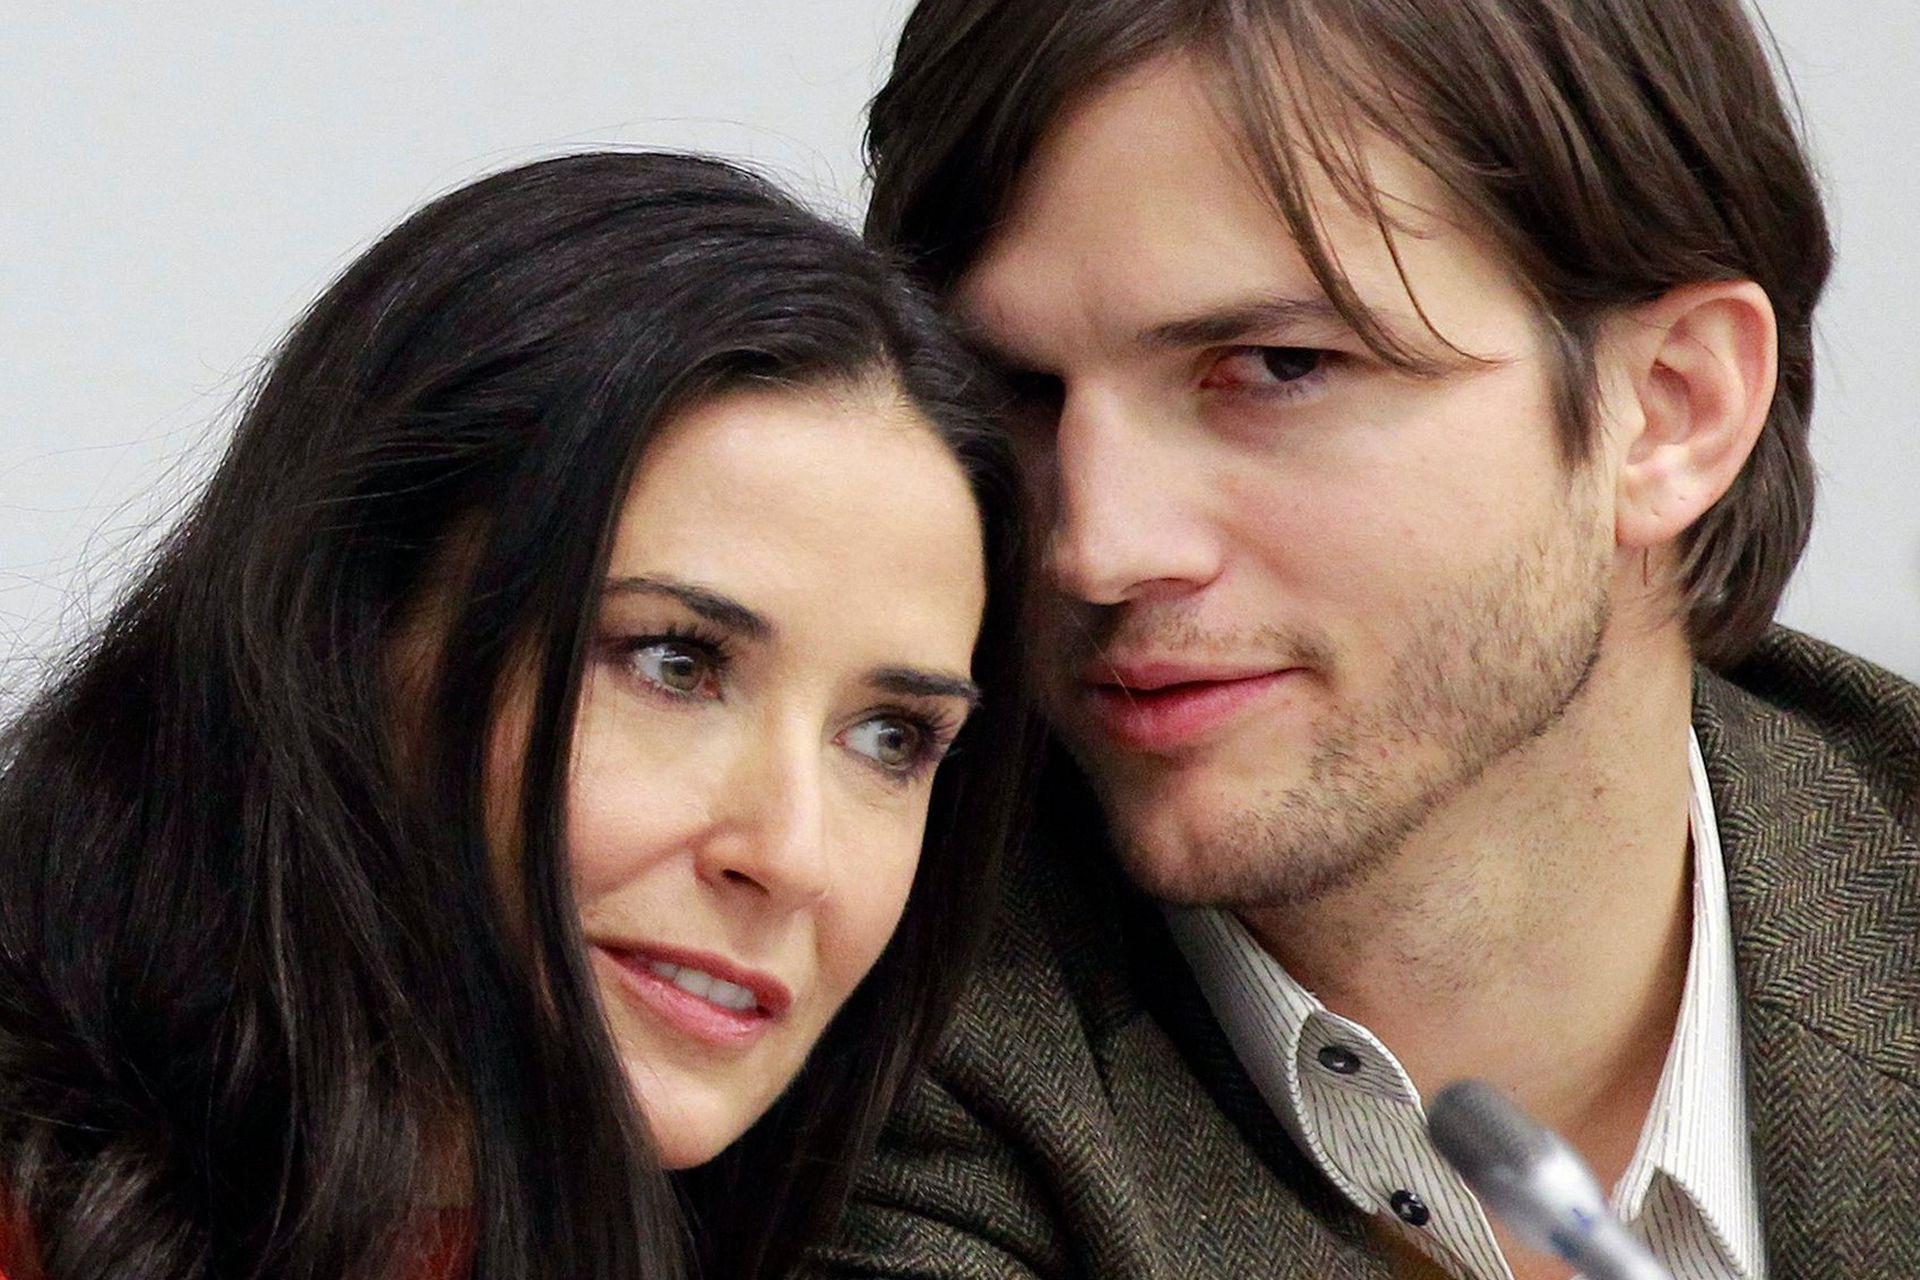 Demi Moore junto a Ashton Kutcher, con quién se casó en 2005 y años después se separó en medio de un escándalo mediático